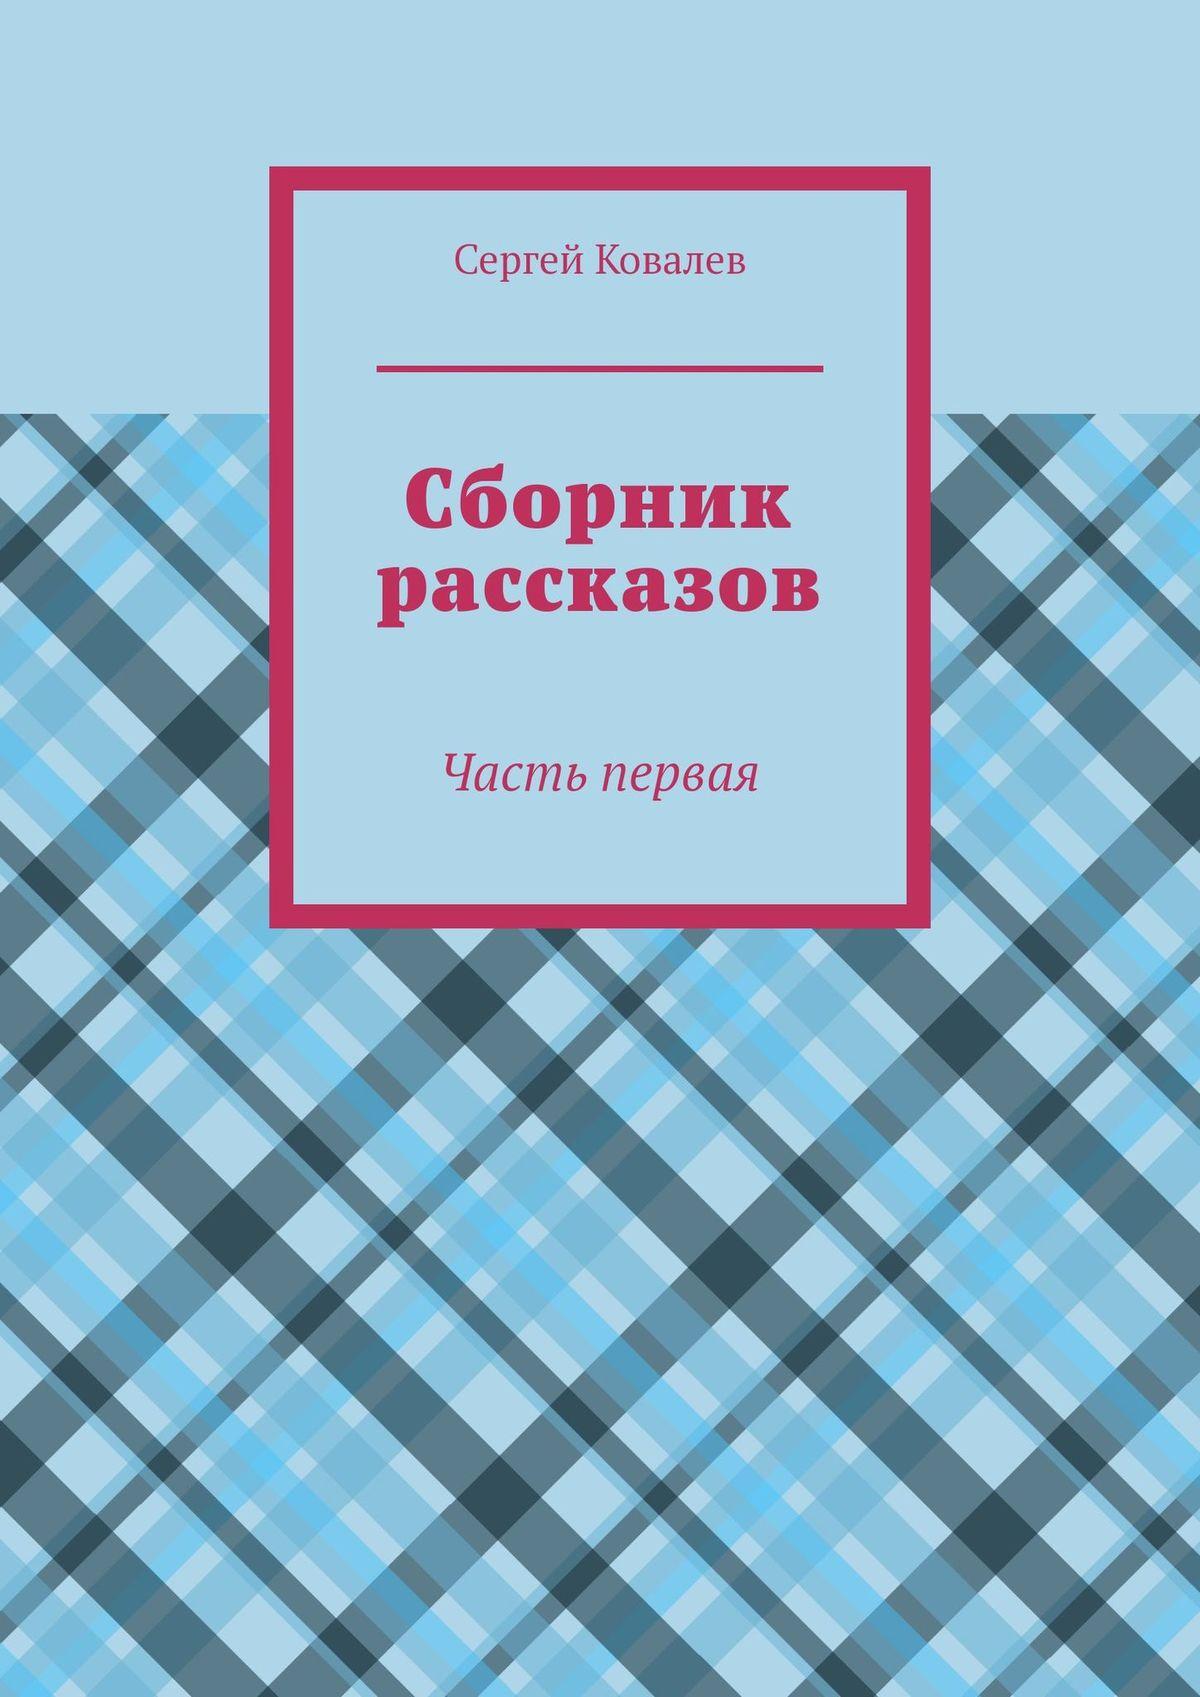 Сергей Ковалев Сборник рассказов. Часть первая виталий ковалев янтарь  сборник